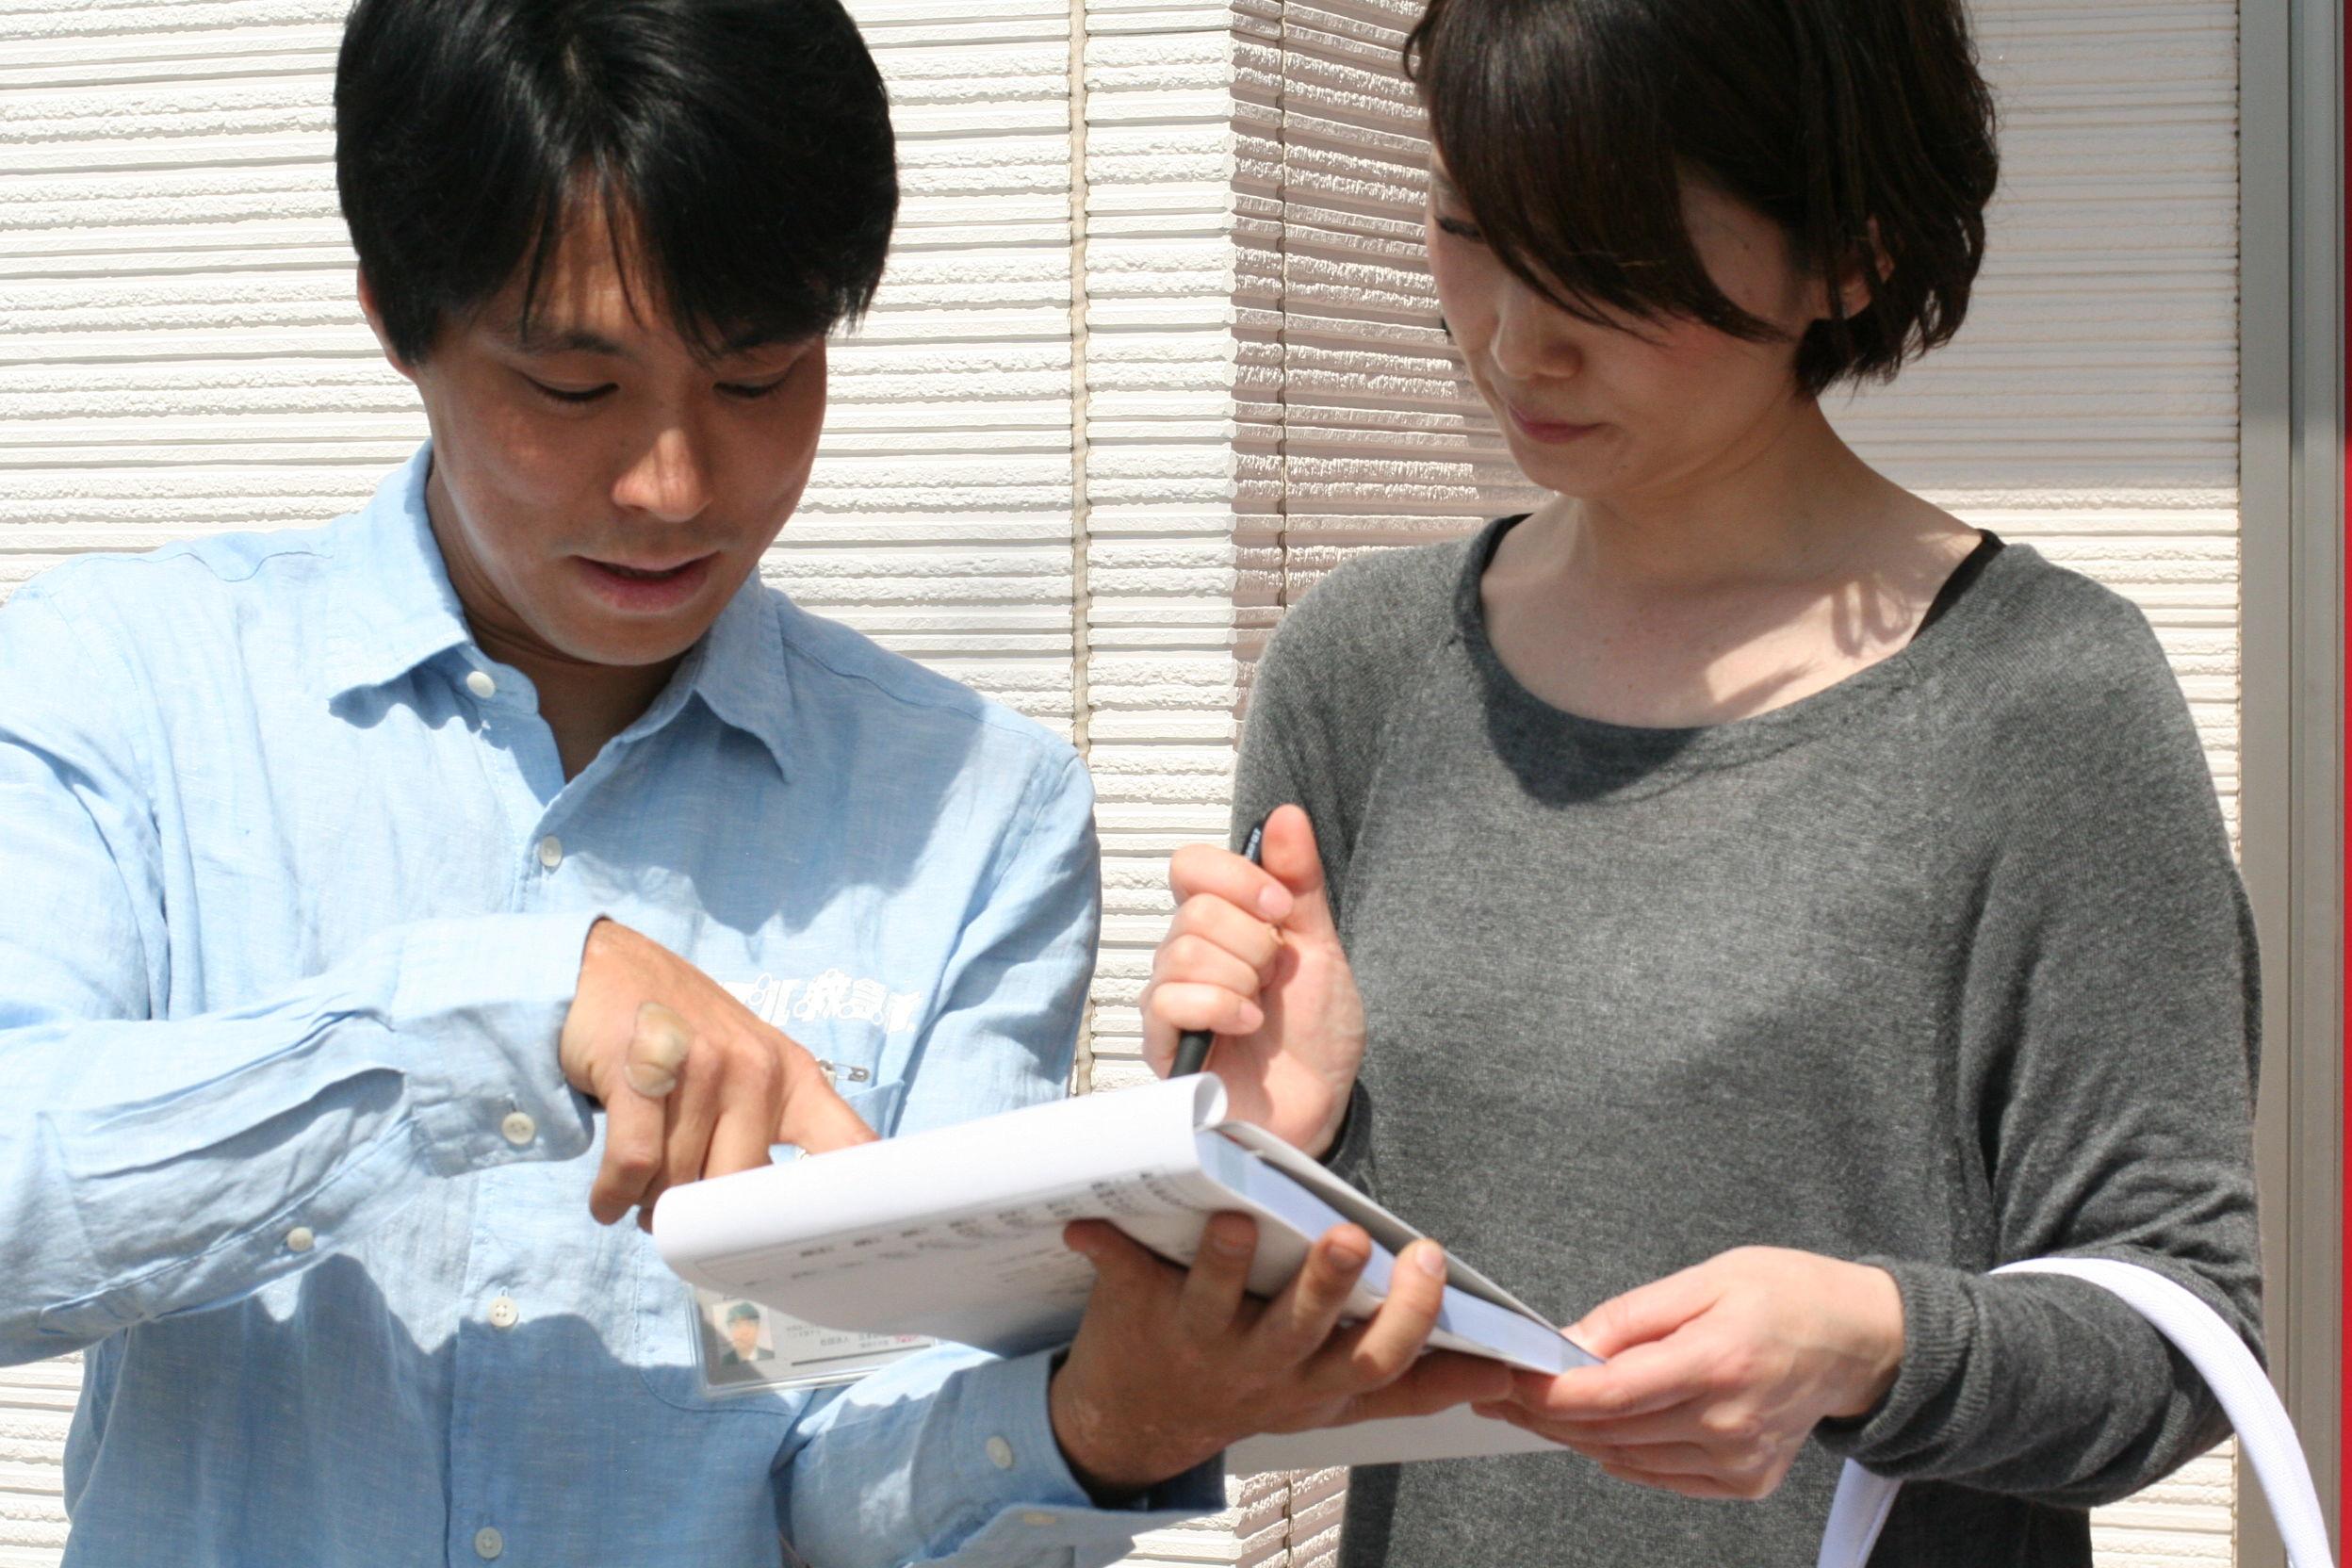 鍵のトラブル救急車【富士宮市 出張エリア】のメイン画像